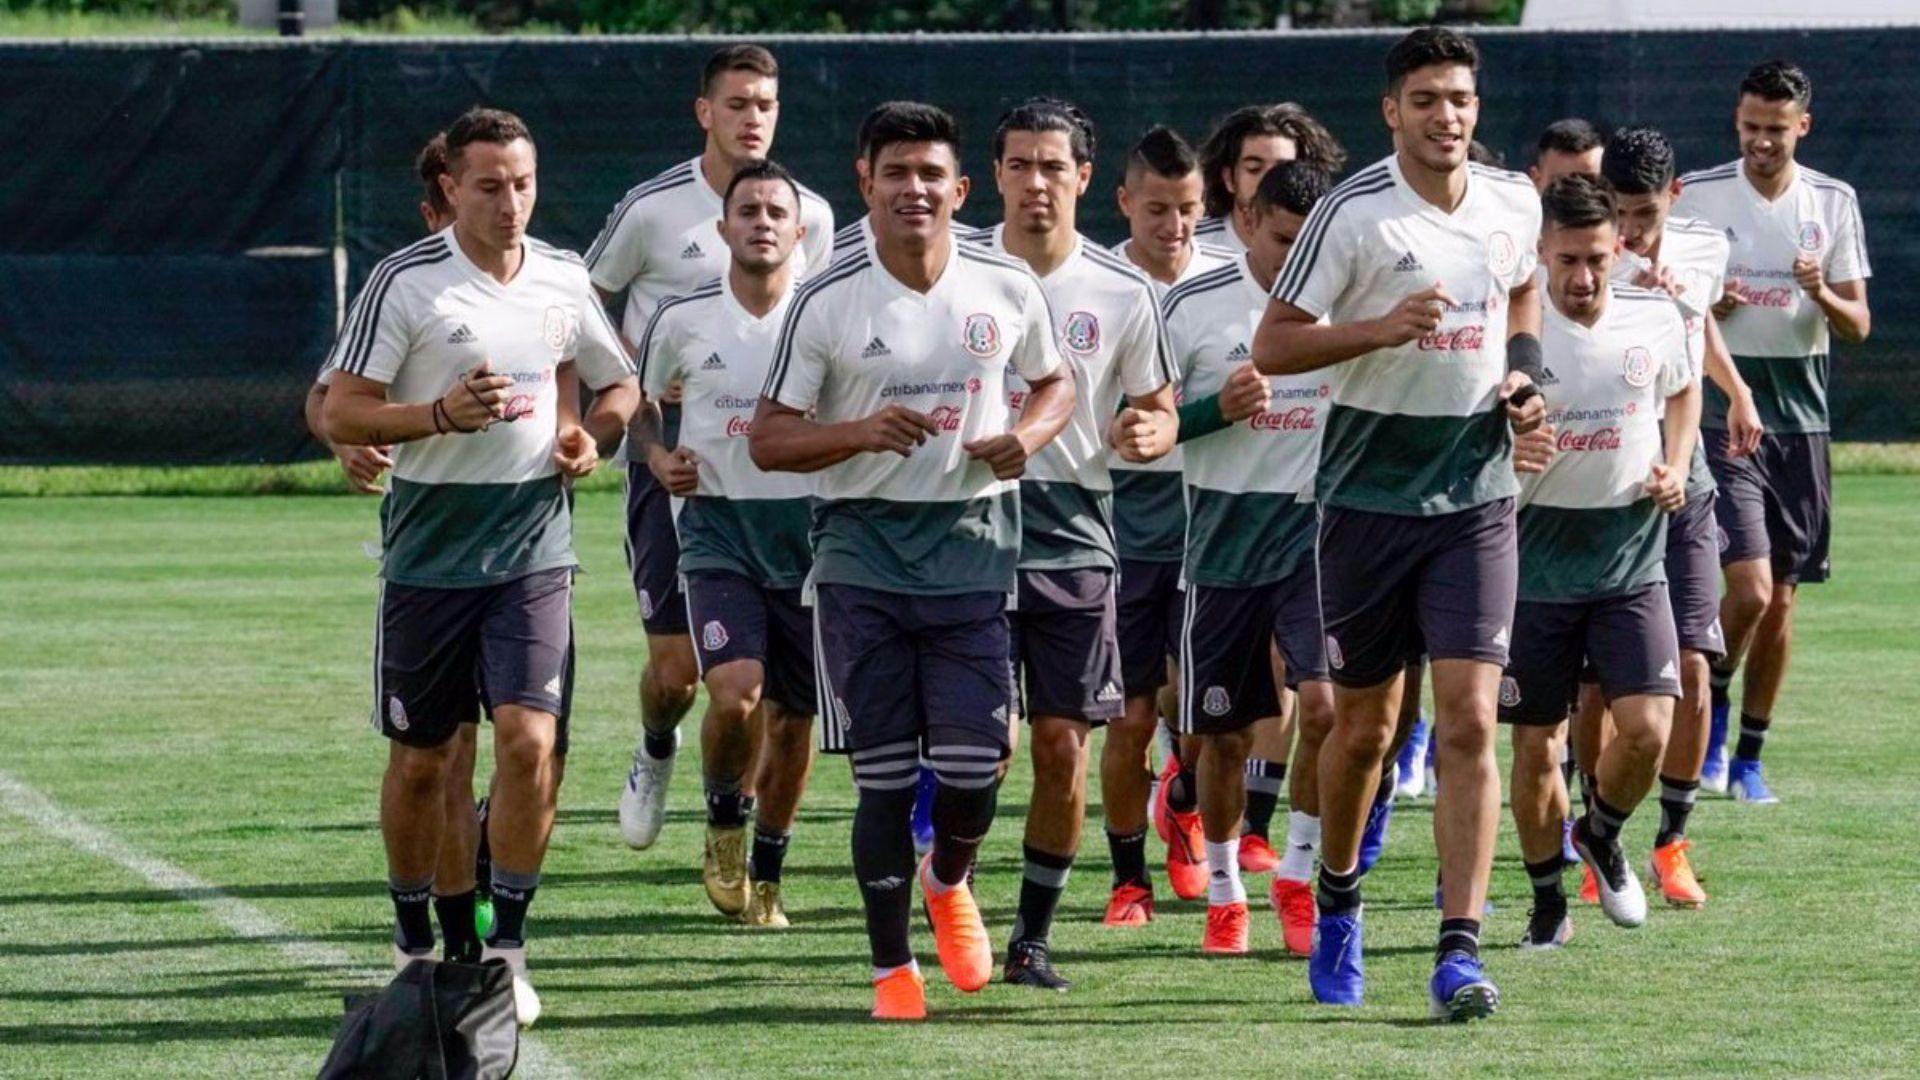 La crítica hacia los futbolistas de la selección mexicana por realizar este tipo de reuniones antes o después de partido ha sido una constante en los últimos años. (Foto: Twitter @miseleccionmx)